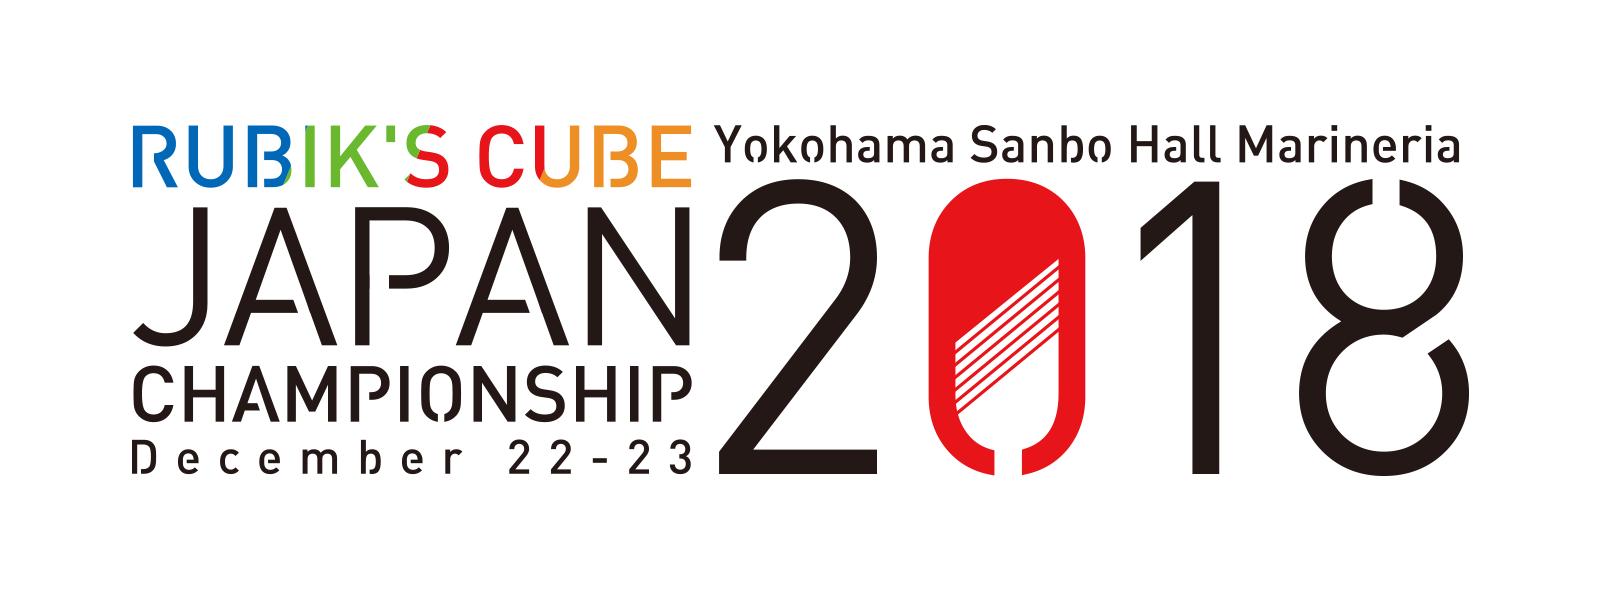 jc2018_logo